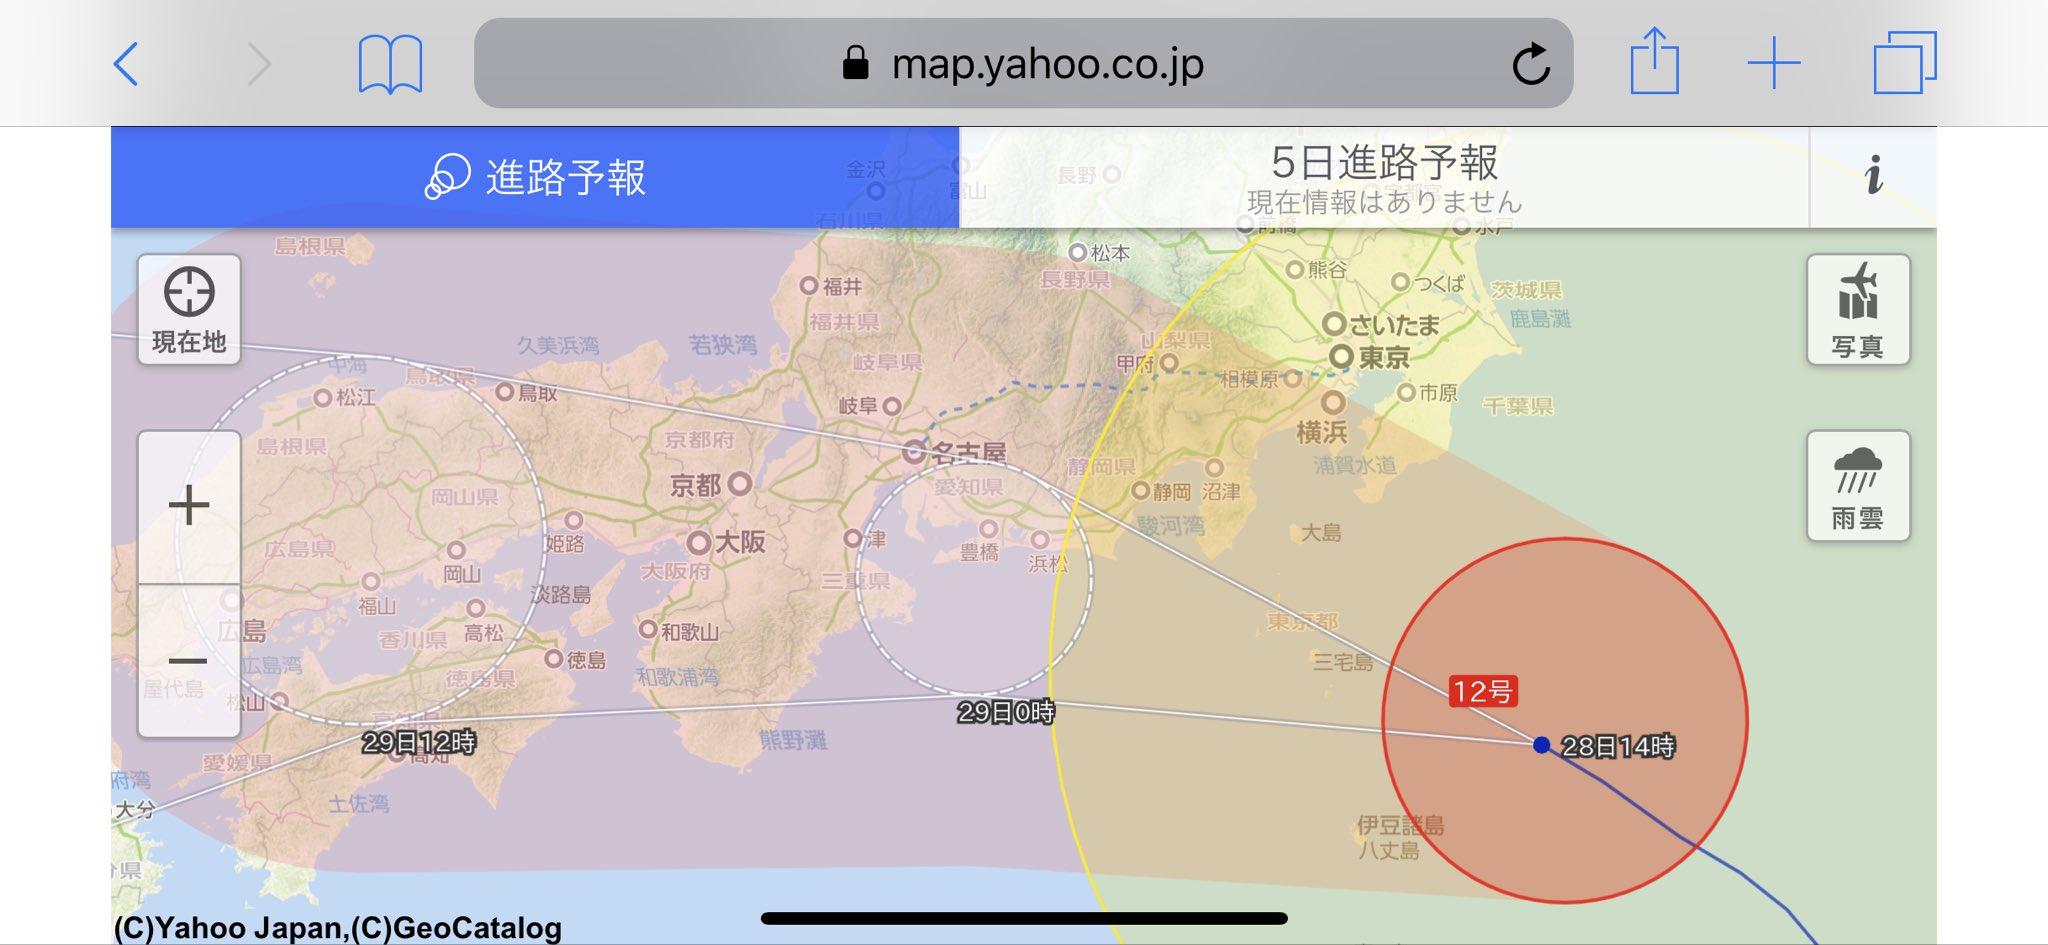 夜中の零時に台風12号が名古屋に直撃か。  Yahoo!地図 https://t.co/khhHEYjyvd https://t.co/4Omxgkb8b6